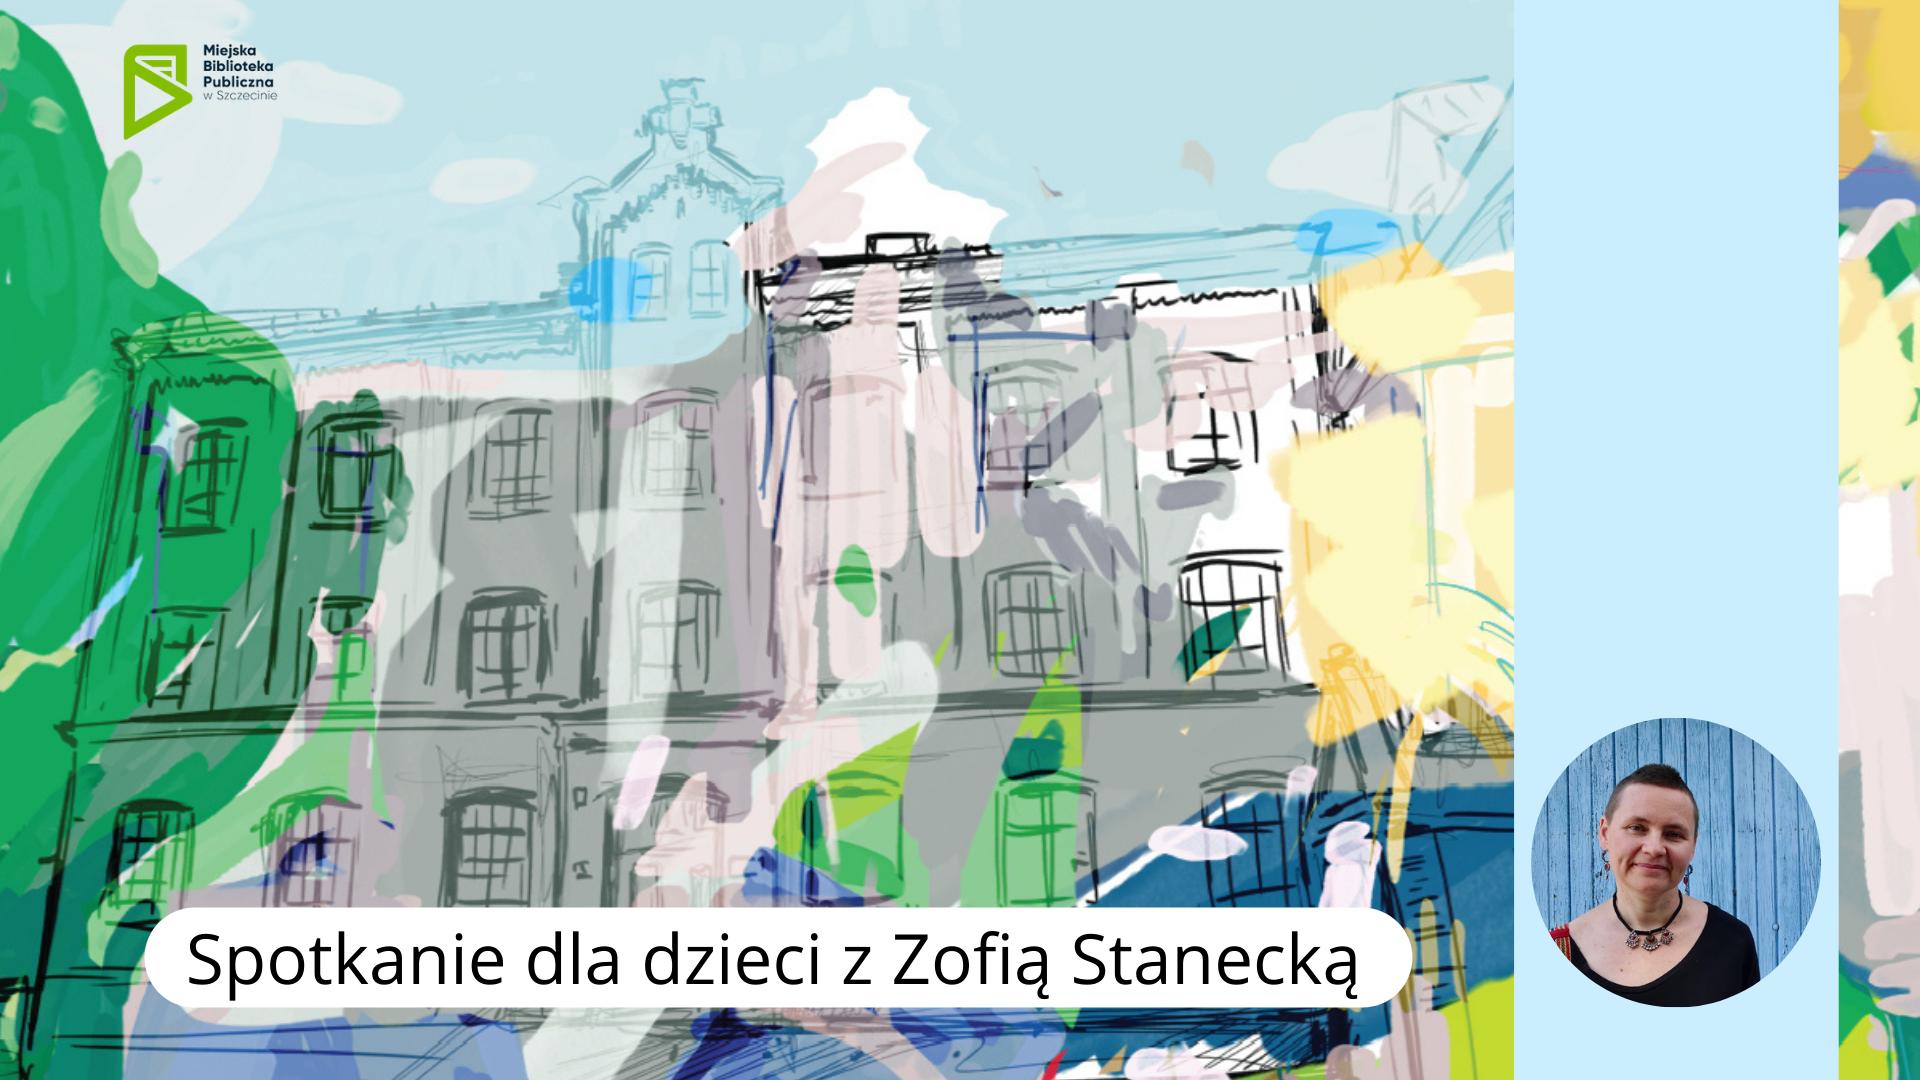 Spotkanie dla dzieci z Zofią Stanecką